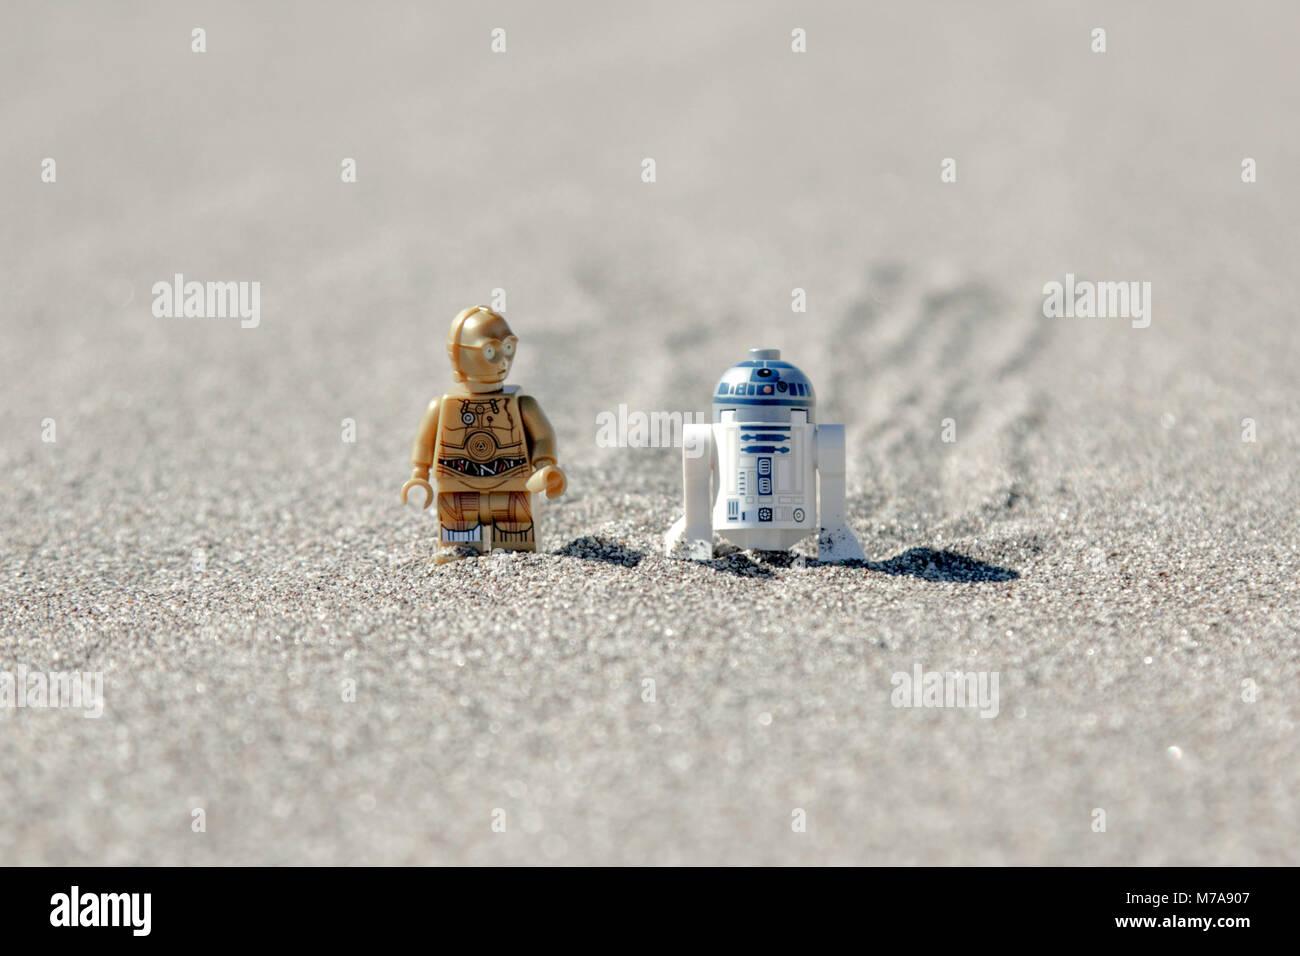 Lego C3p 0 und Lego R2D2 zu Fuß durch eine Sanddüne zusammen. Stockbild